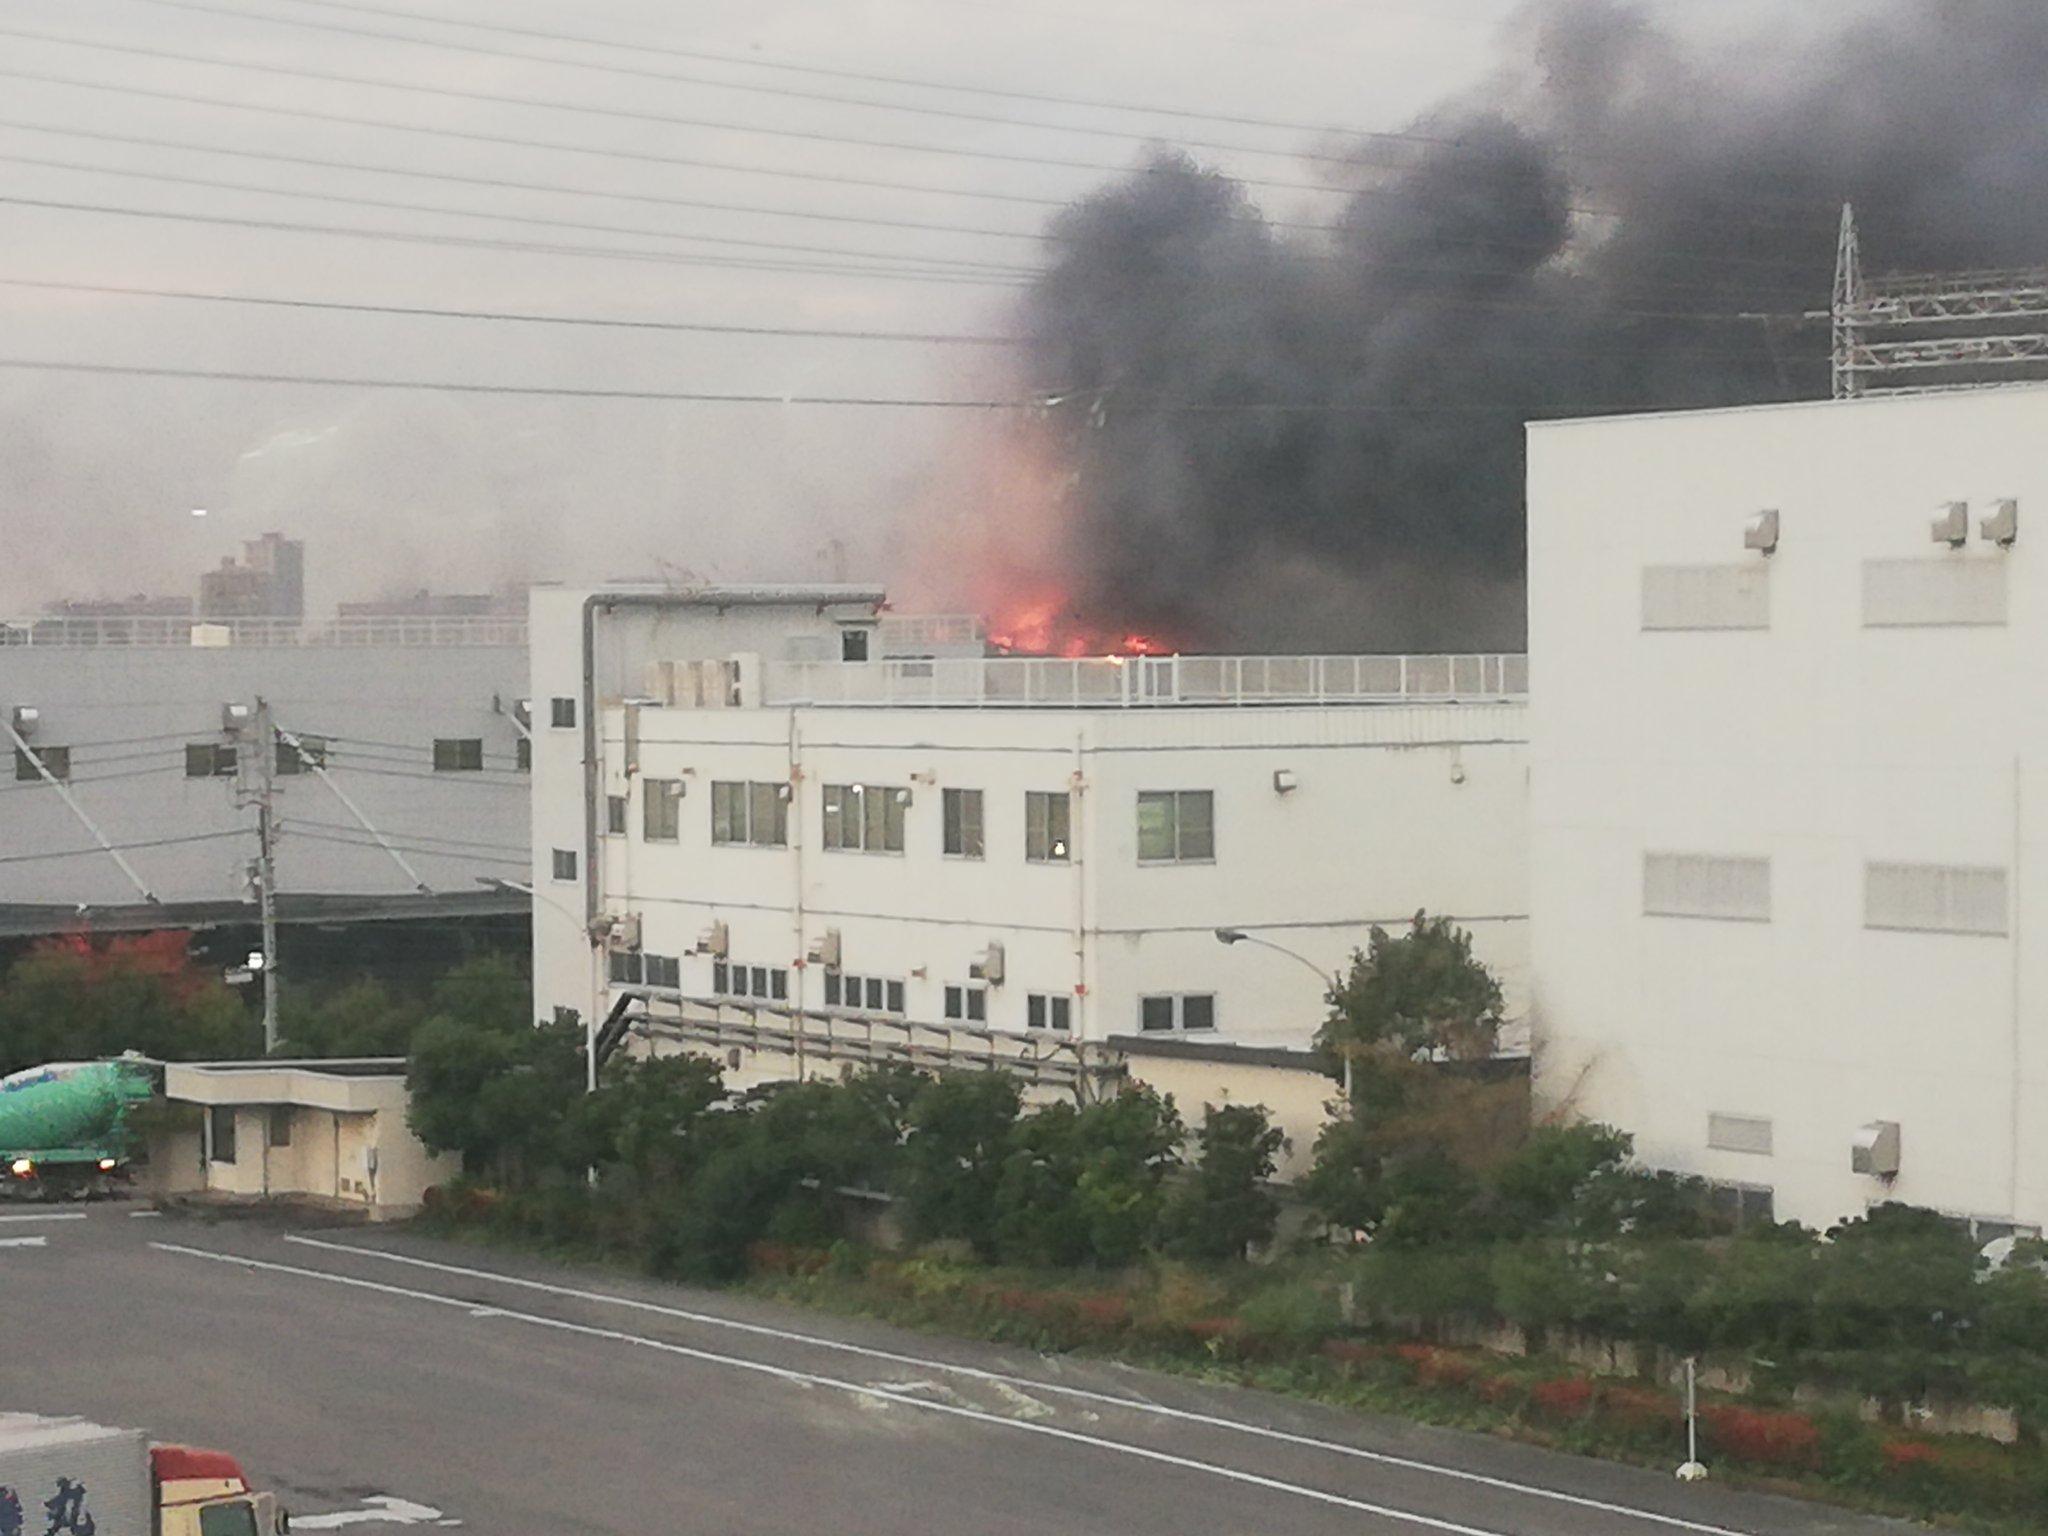 板橋区舟渡で大規模火災が起きている現場画像